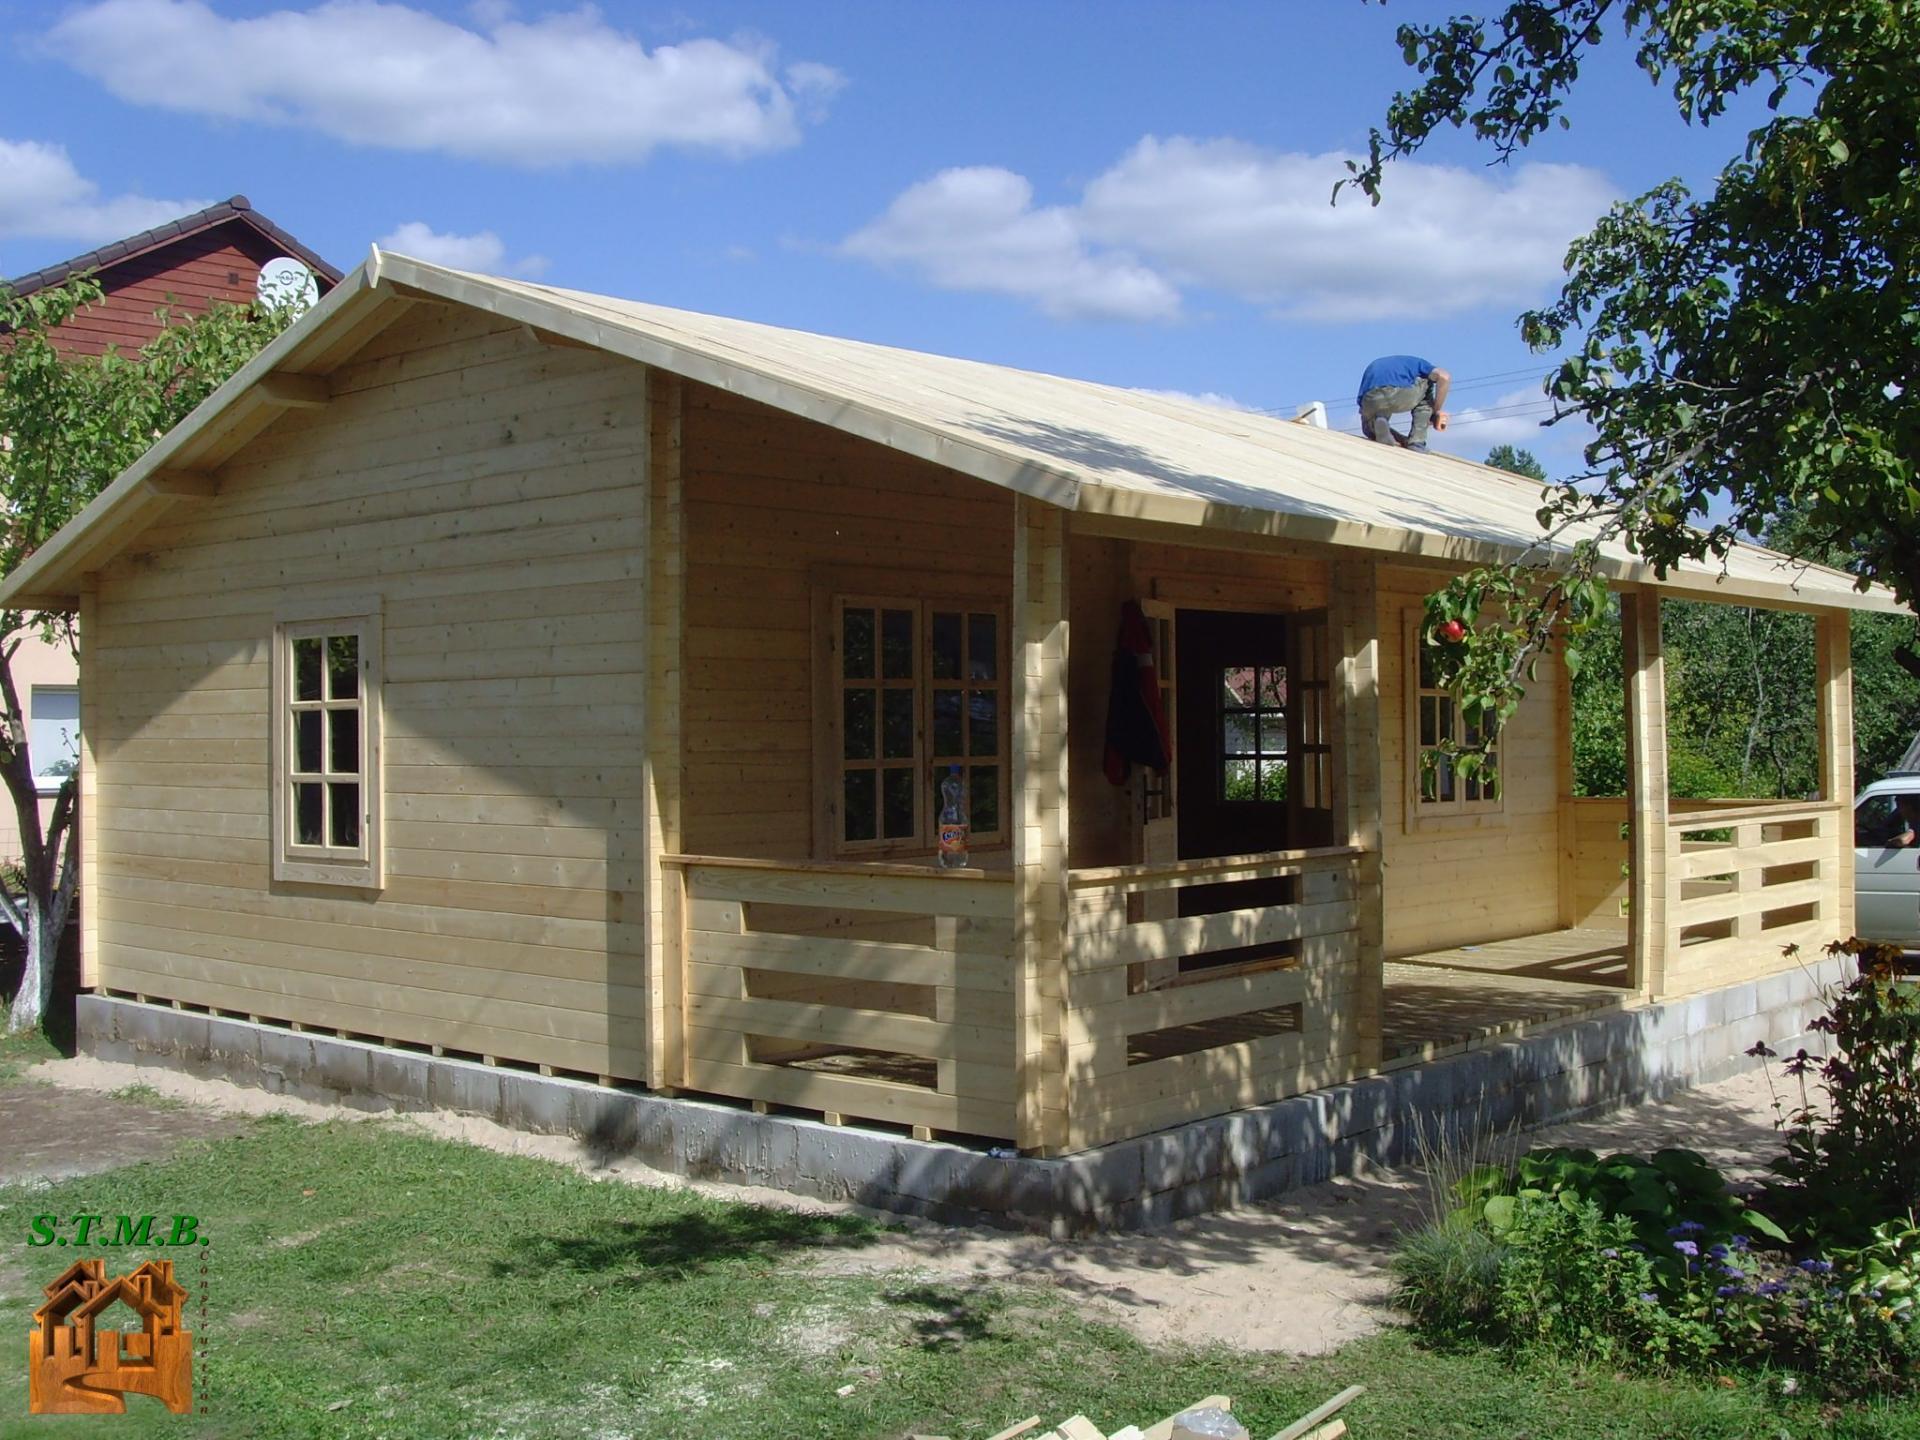 Maison En Bois En Kit Habitable - Le Meilleur Des Maisons ... destiné Chalet En Kit Habitable